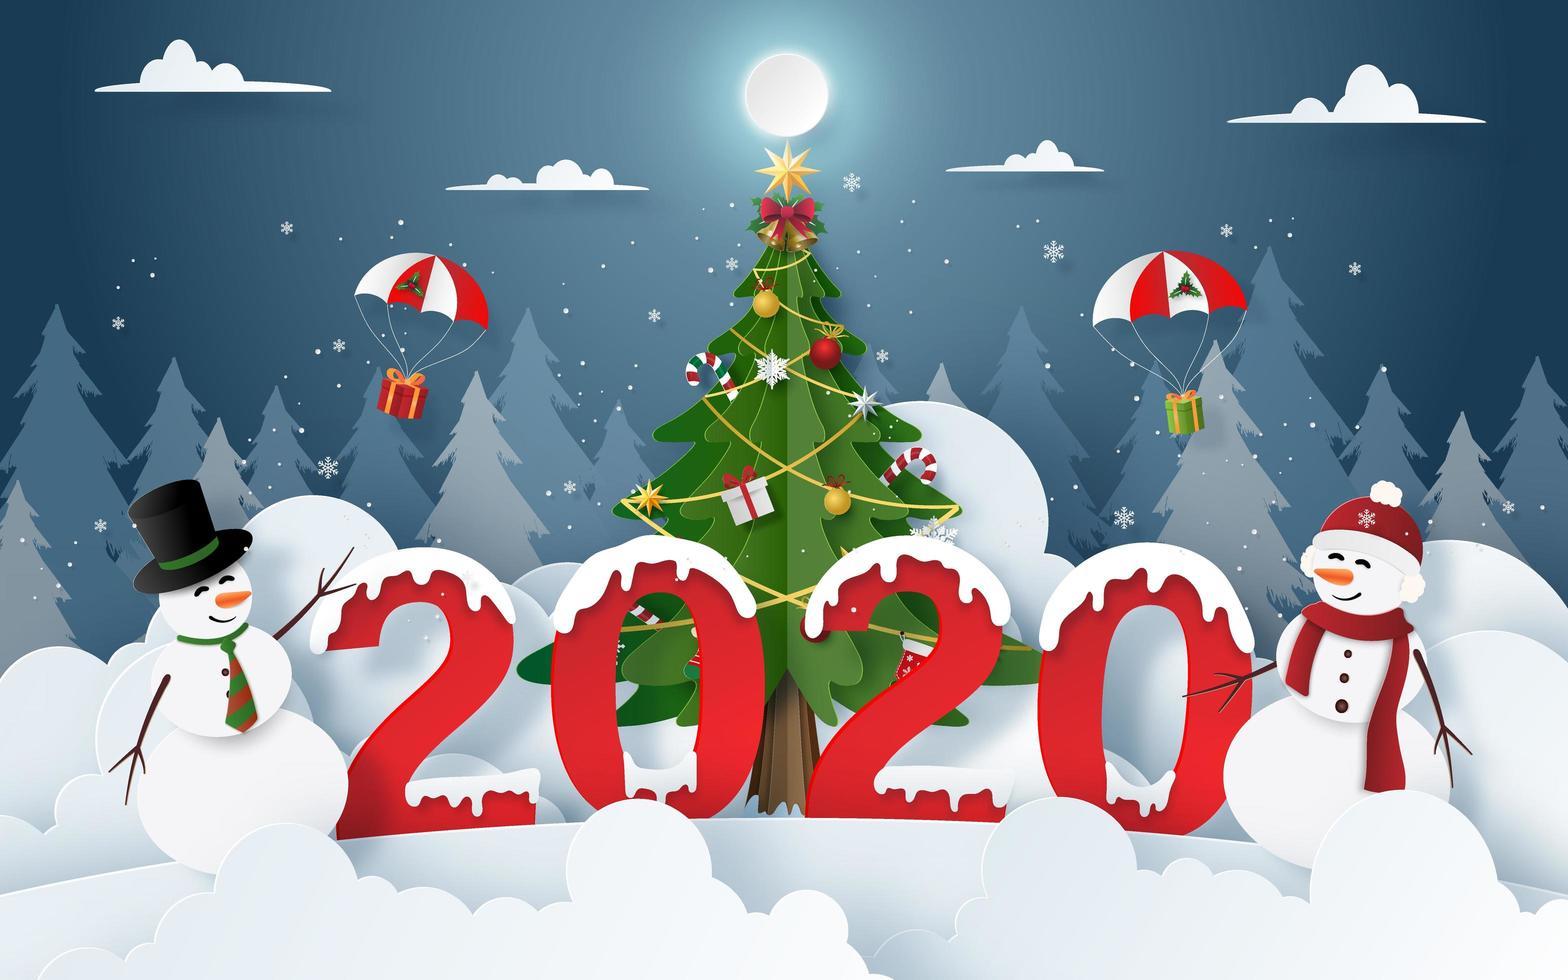 papperskonst av snögubbe med jul och nyår 2020-fest i julafton vektor